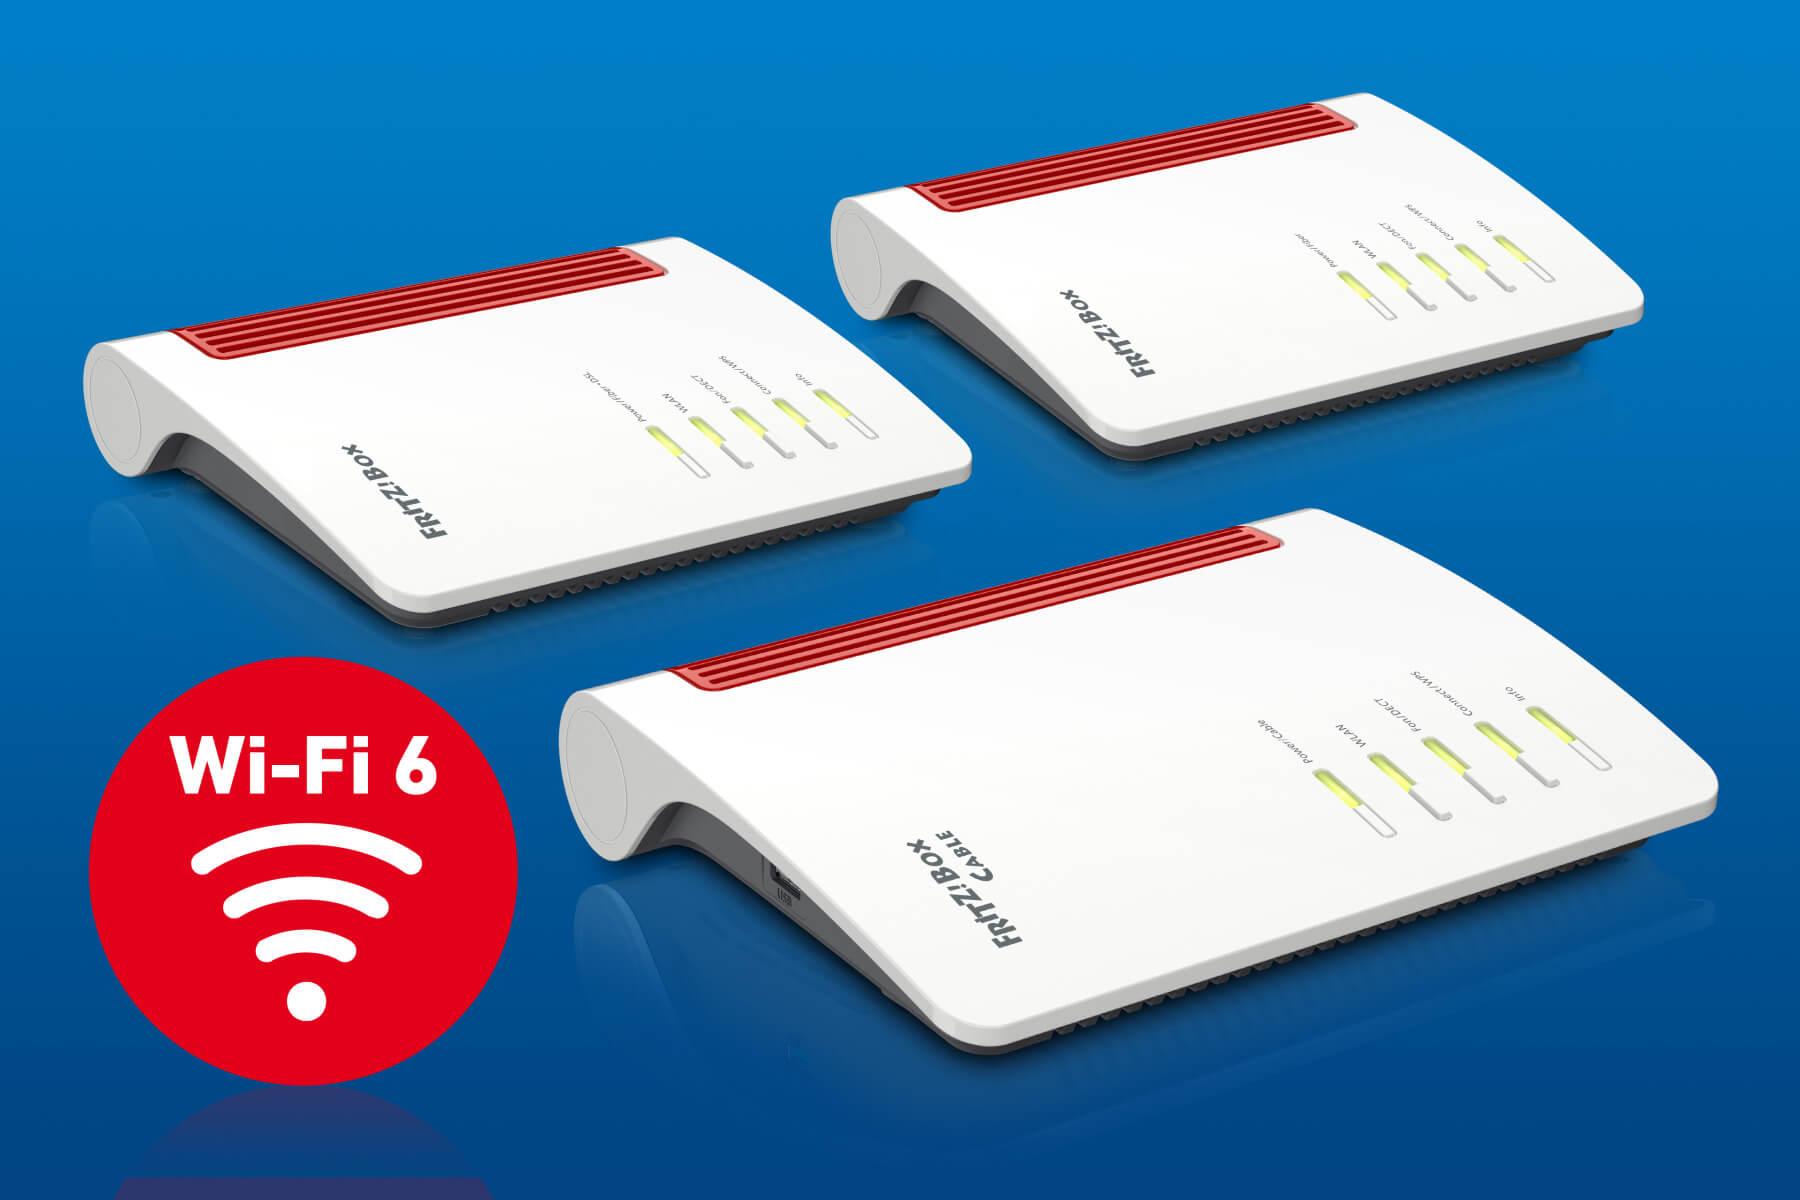 AVM FritzBox 5550, 5530 & 6850 5G